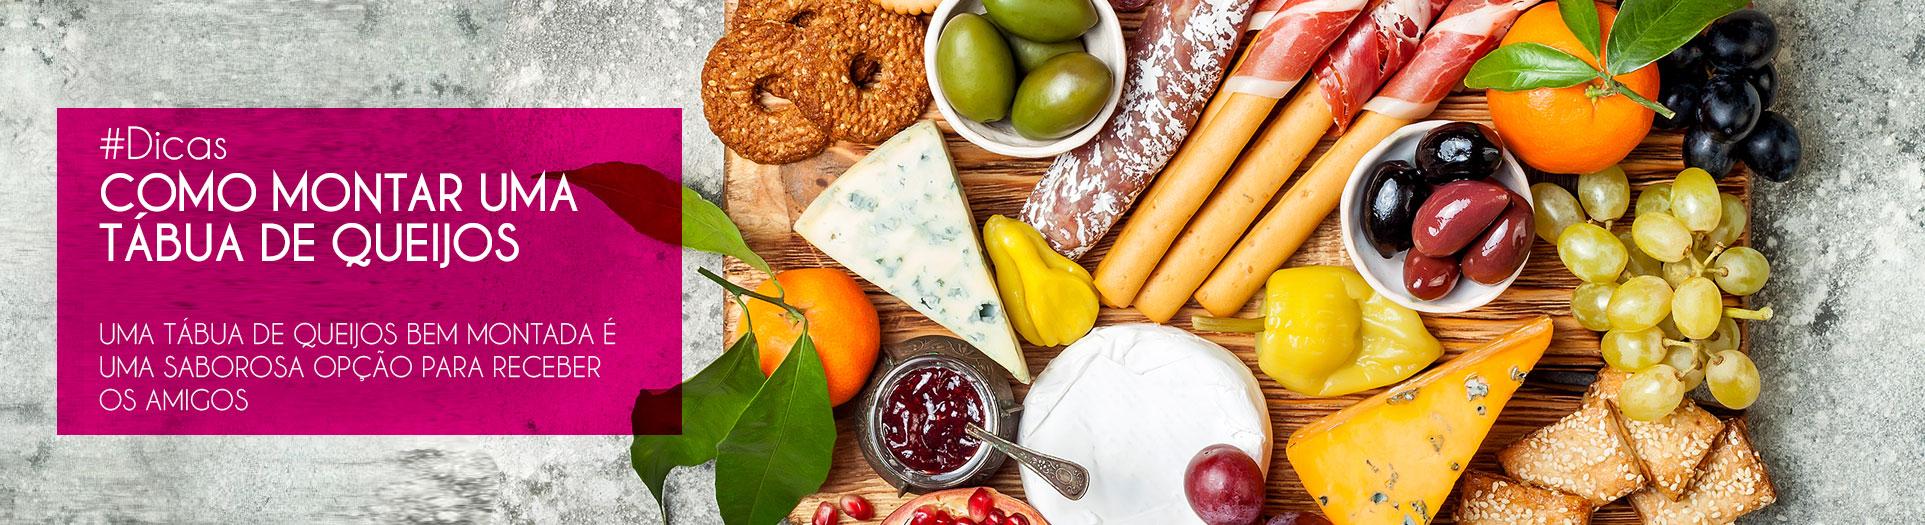 tabua queijos